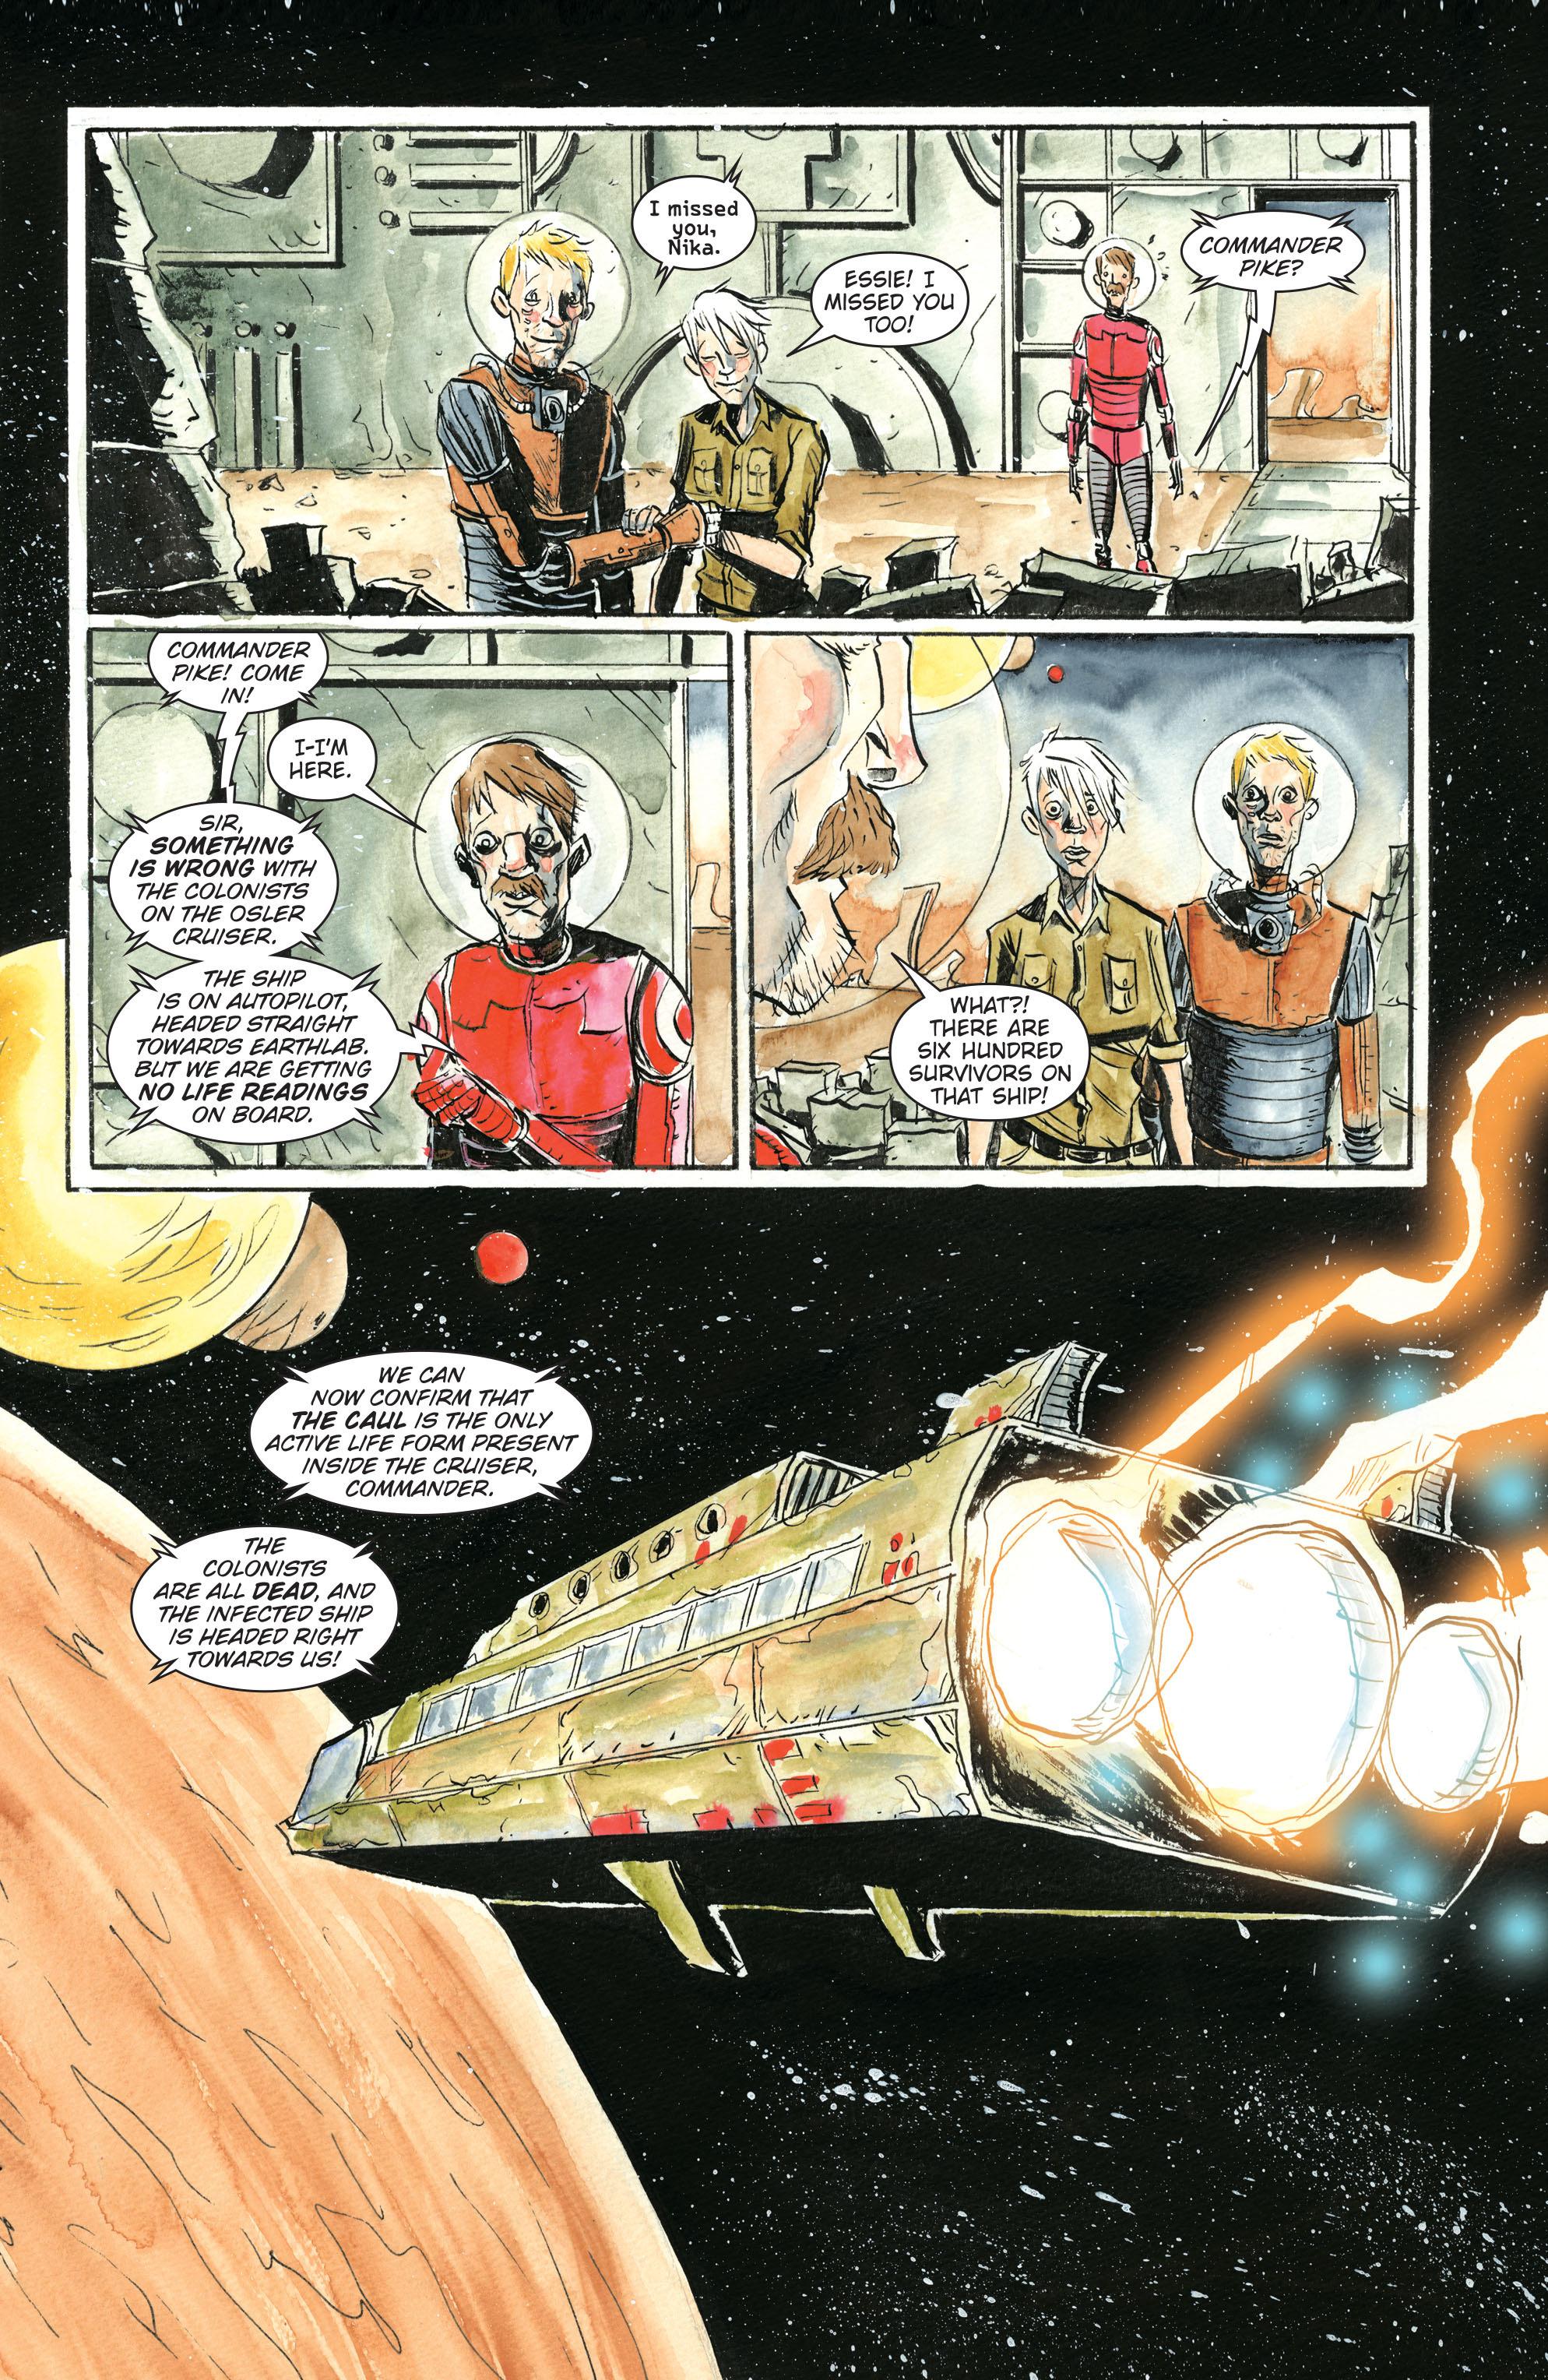 Read online Trillium comic -  Issue # TPB - 180